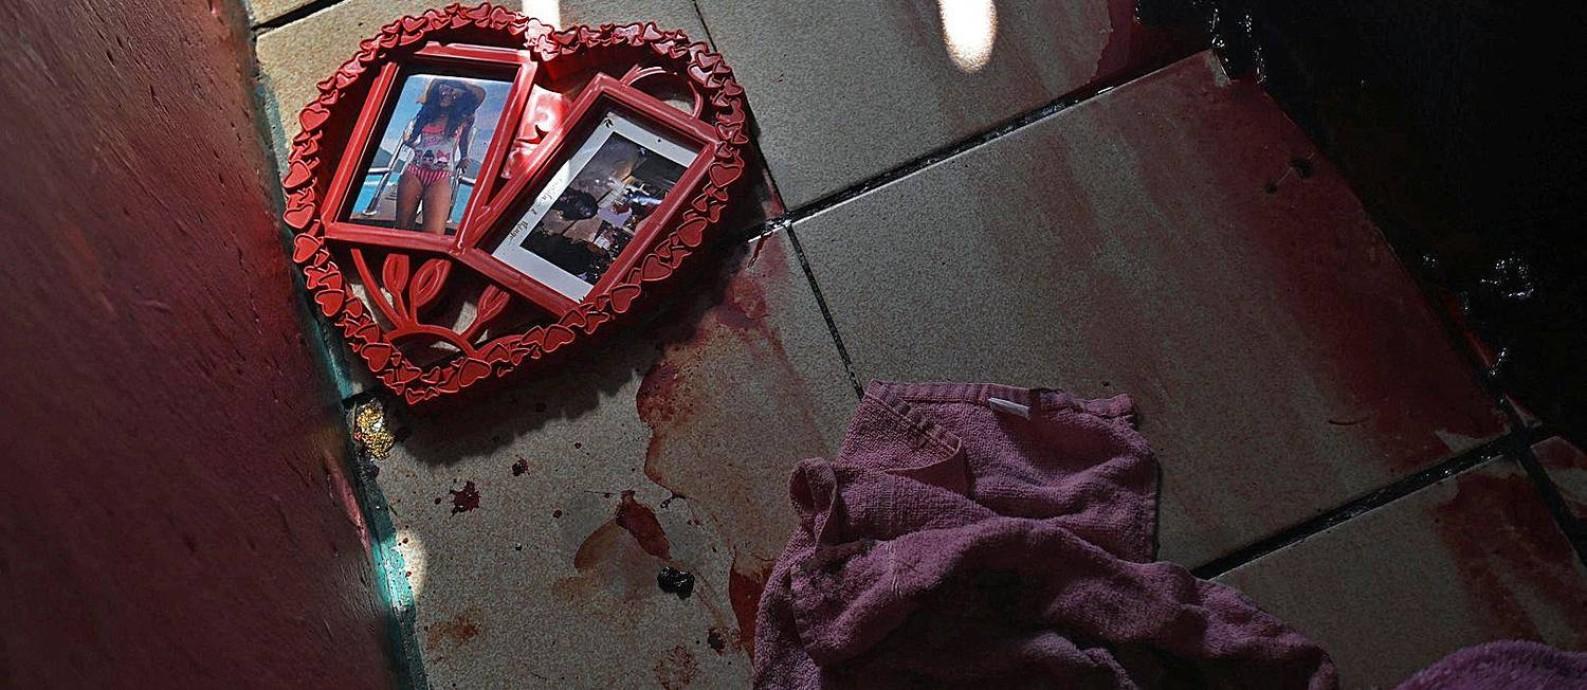 Poças de sangue coagulado no quarto de menina de 9 anos que testemunhou execução de suspeito Foto: Mauro Pimentel / AFP